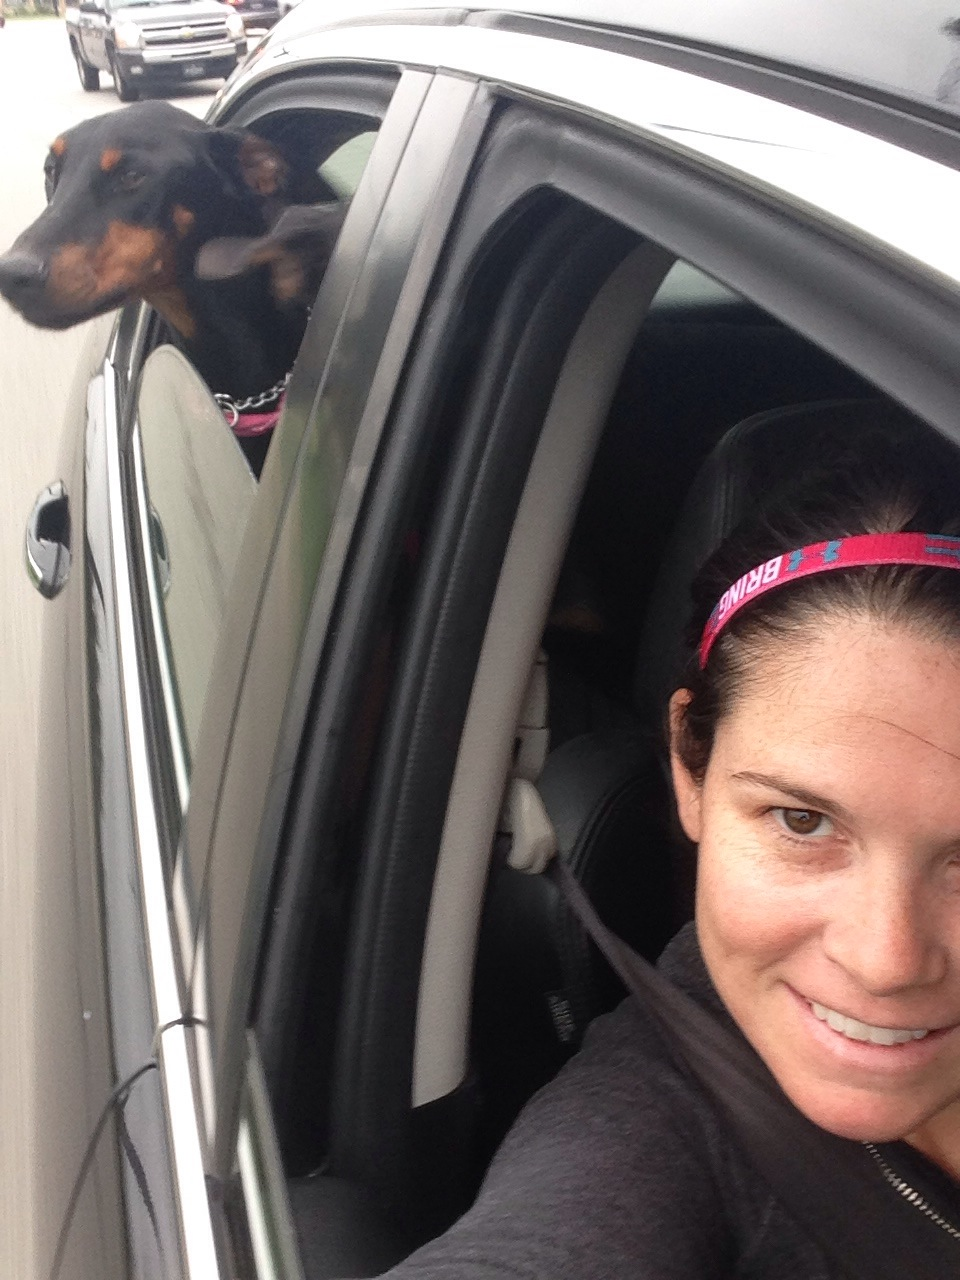 Dobermans in car